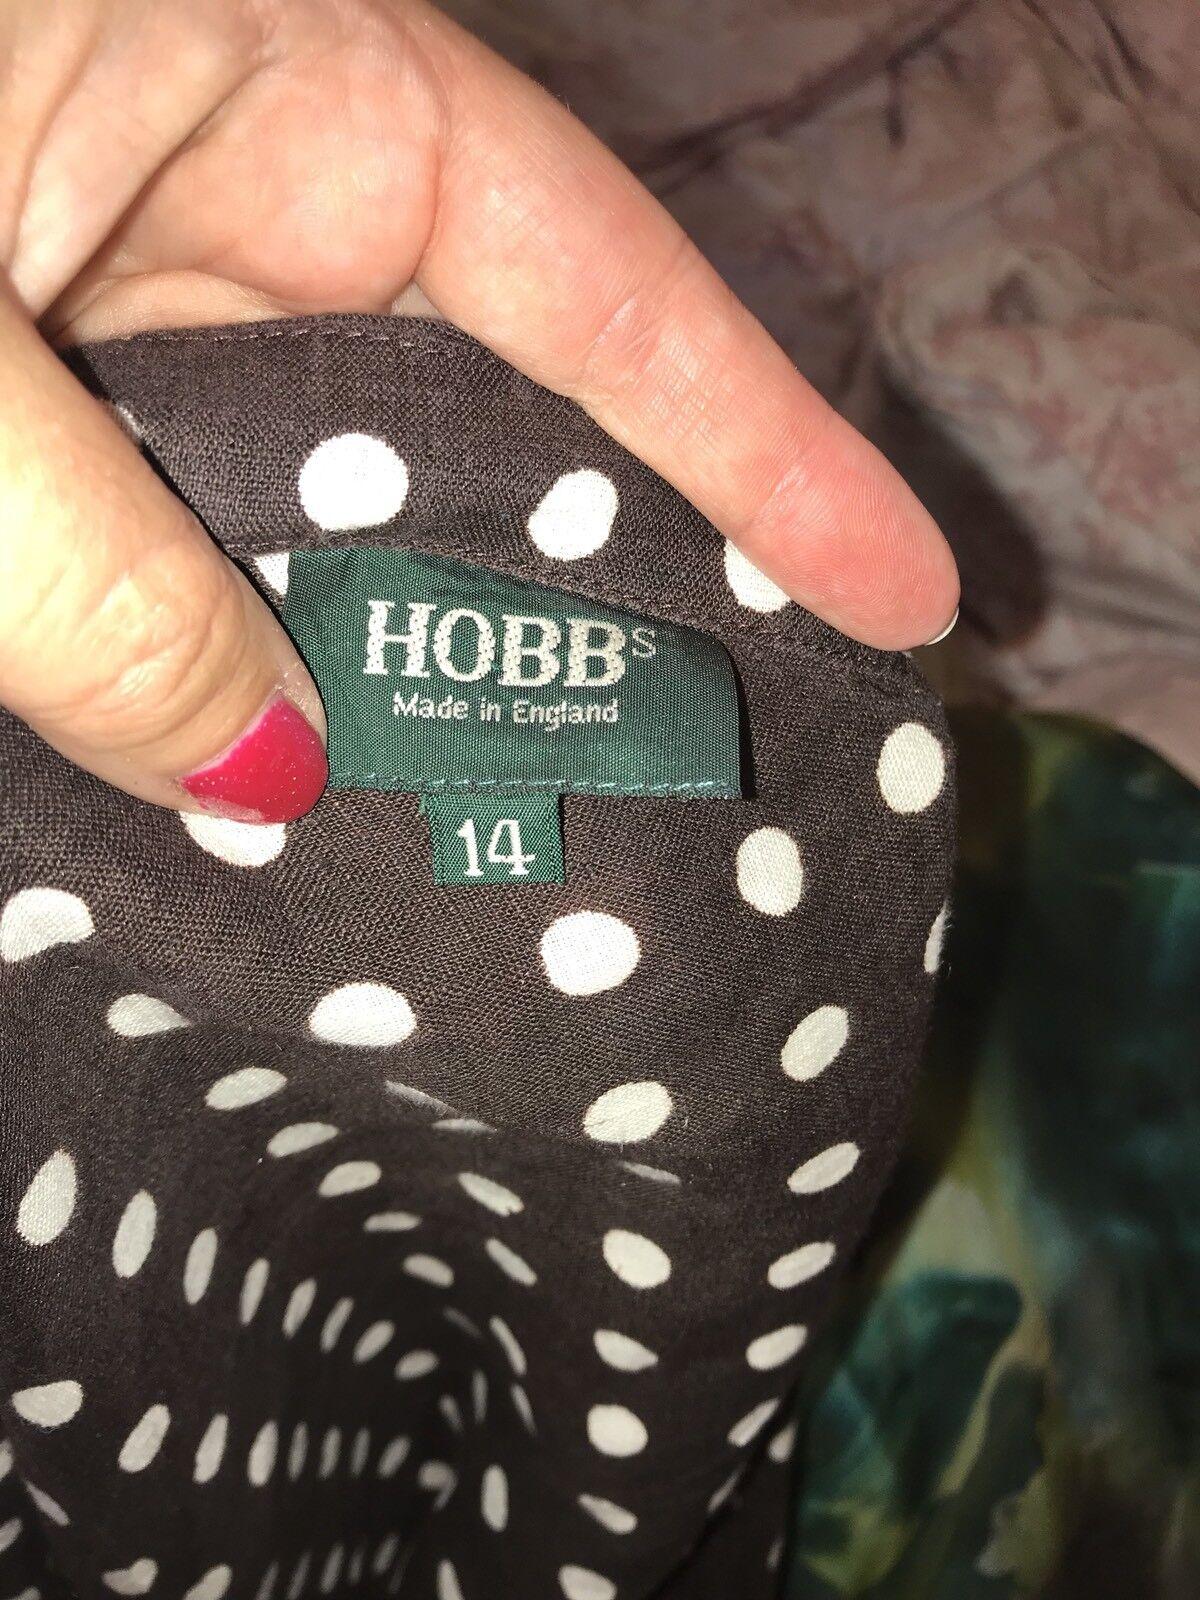 Hobbs Marronee Bianco A Pois Vestito Donna 14 14 14 lino collo a V d69e01